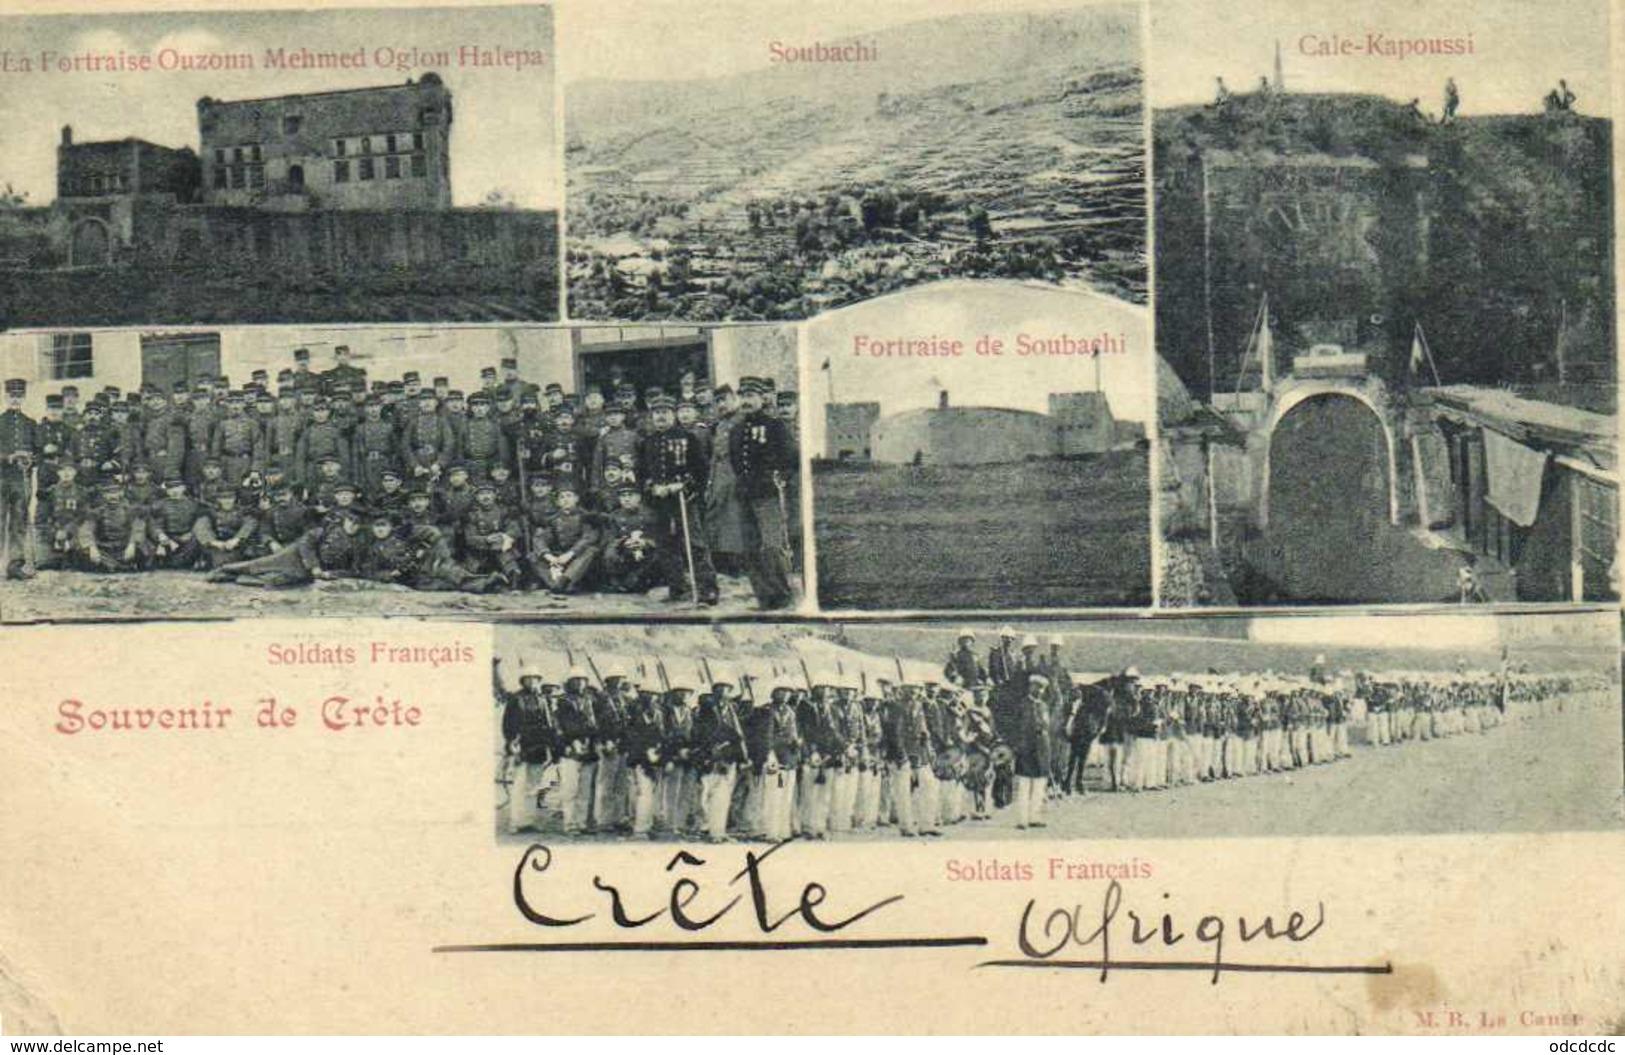 Souvenir De Crète Sldats Francais Soubachi Fortraise De Soubachi Cale Kapousi La Fortraise Ouzonn Mehmed Oglon Halepa RV - Greece